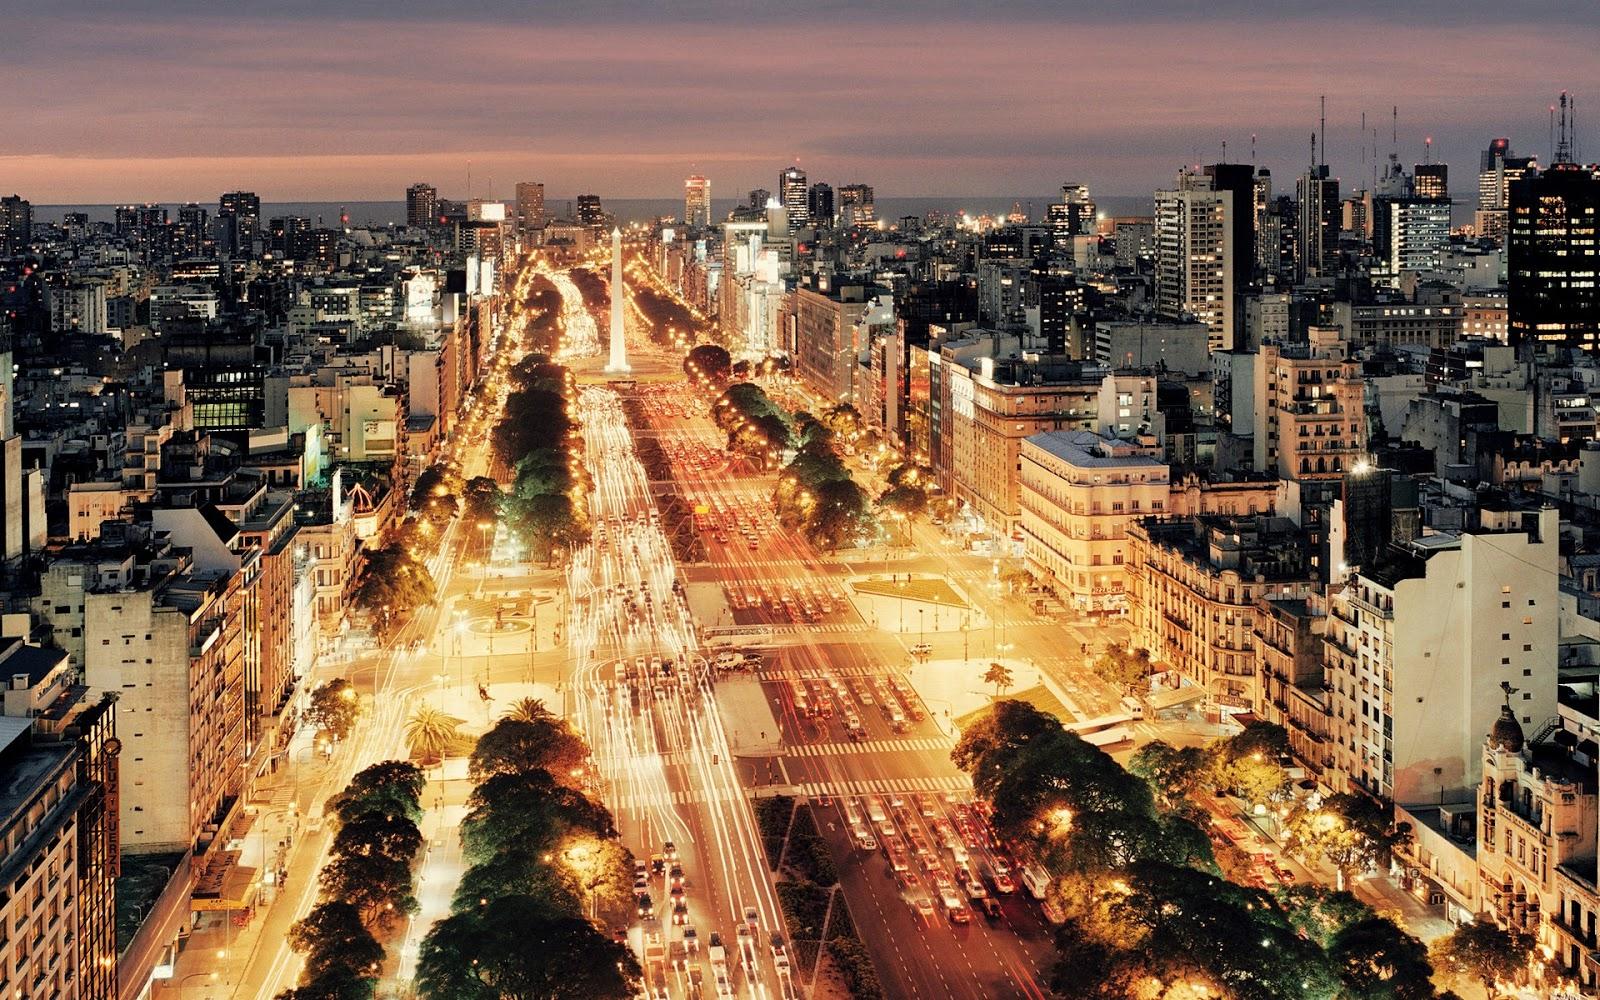 http://3.bp.blogspot.com/-9e7srvo6Xd4/UTR_SdAV-pI/AAAAAAAAR1E/FI1oinm1cmM/s1600/buenos_aires_argentina_wallpaper_hd_2.jpg